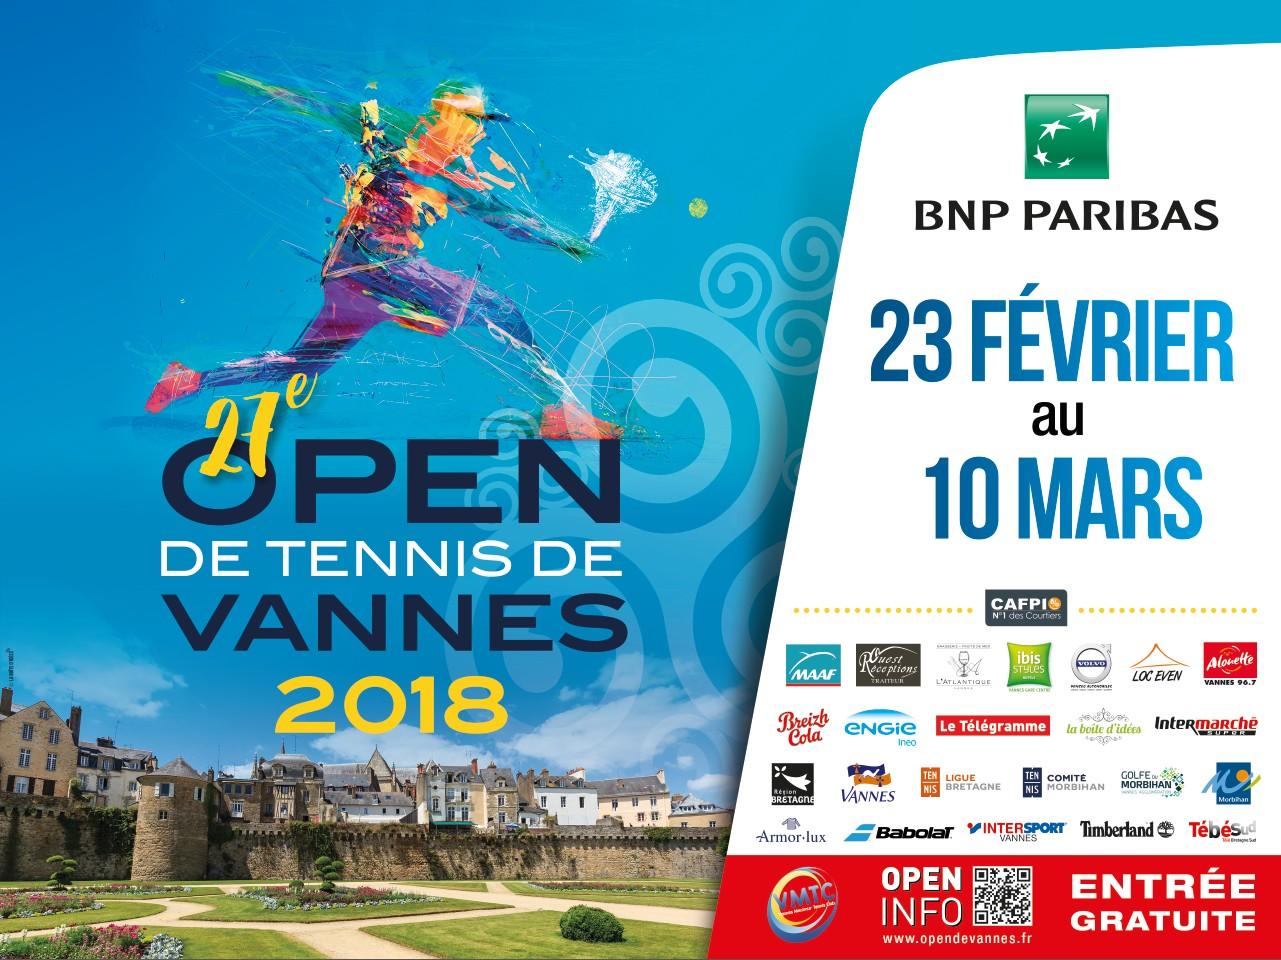 Open de vannes de tennis 2018